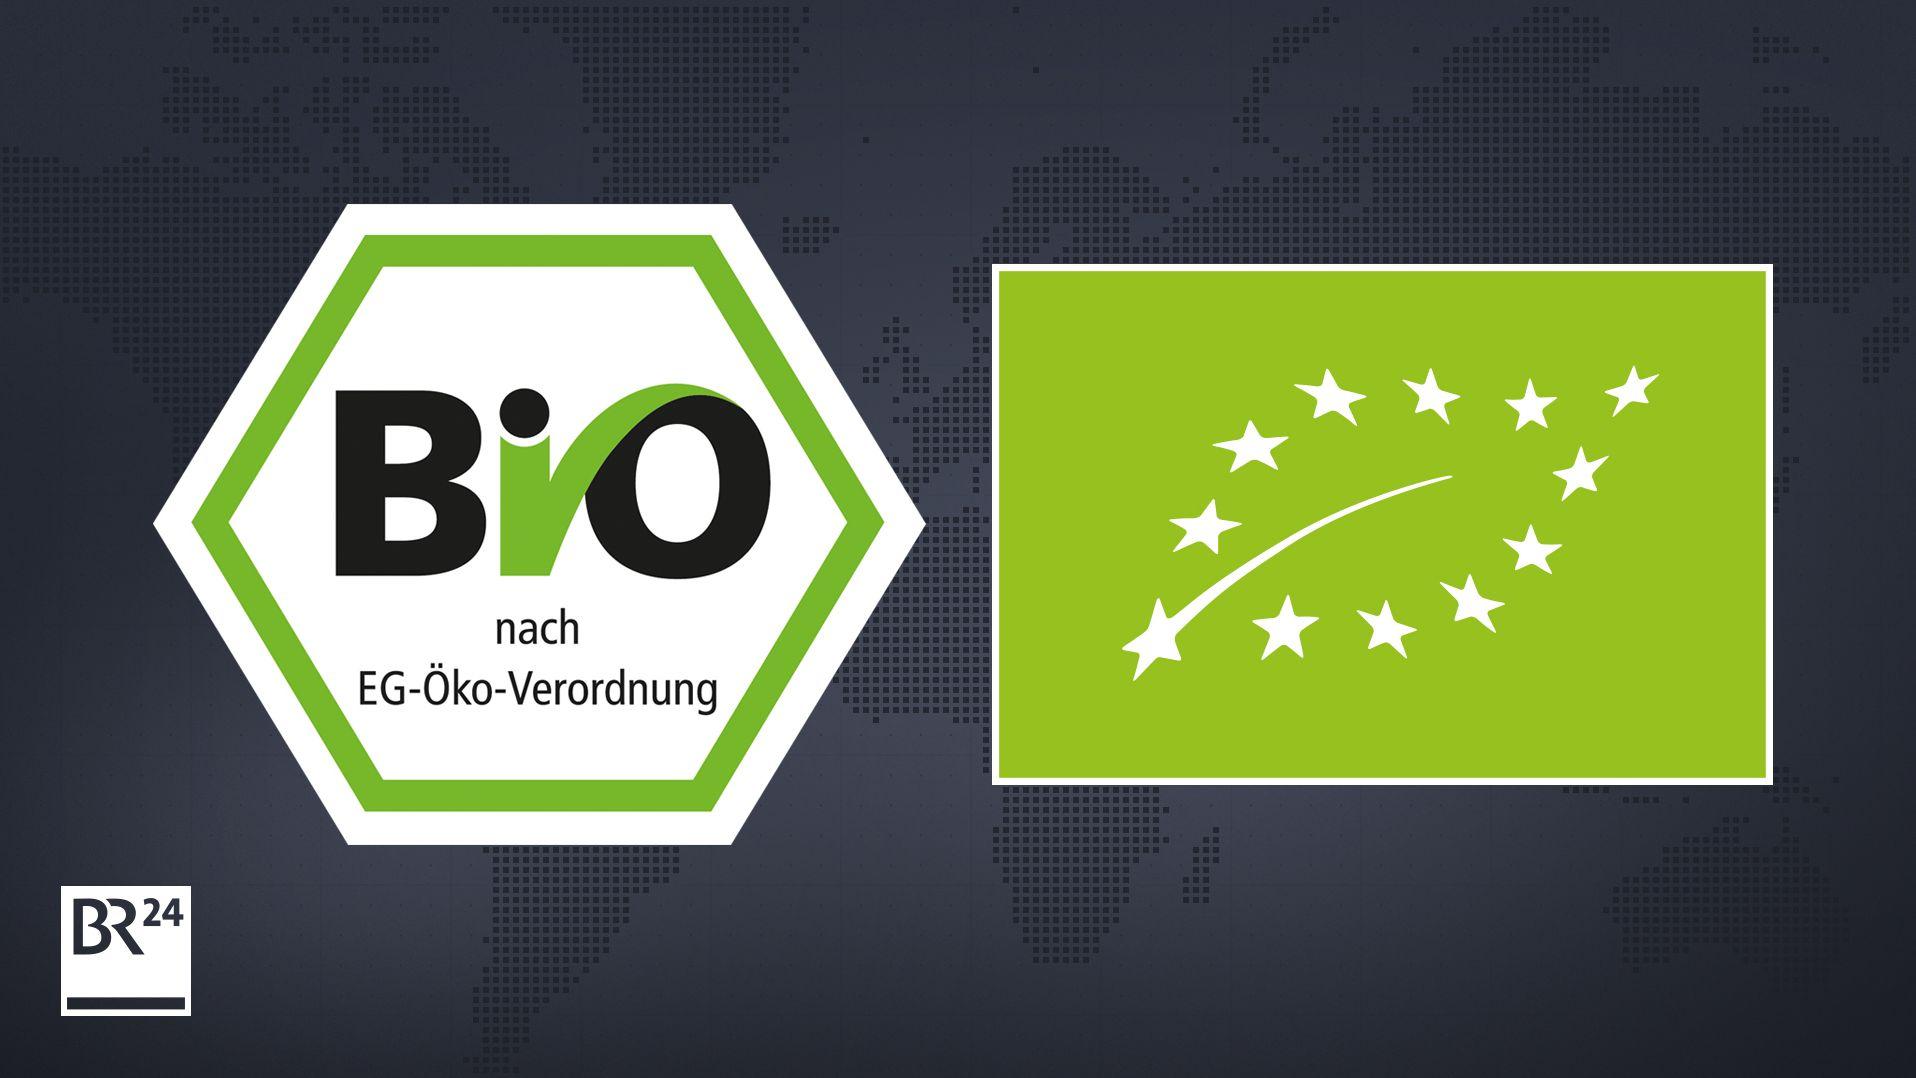 Das deutsche staatliche Bio-Siegel (links) und das EU-Bio-Logo (rechts)